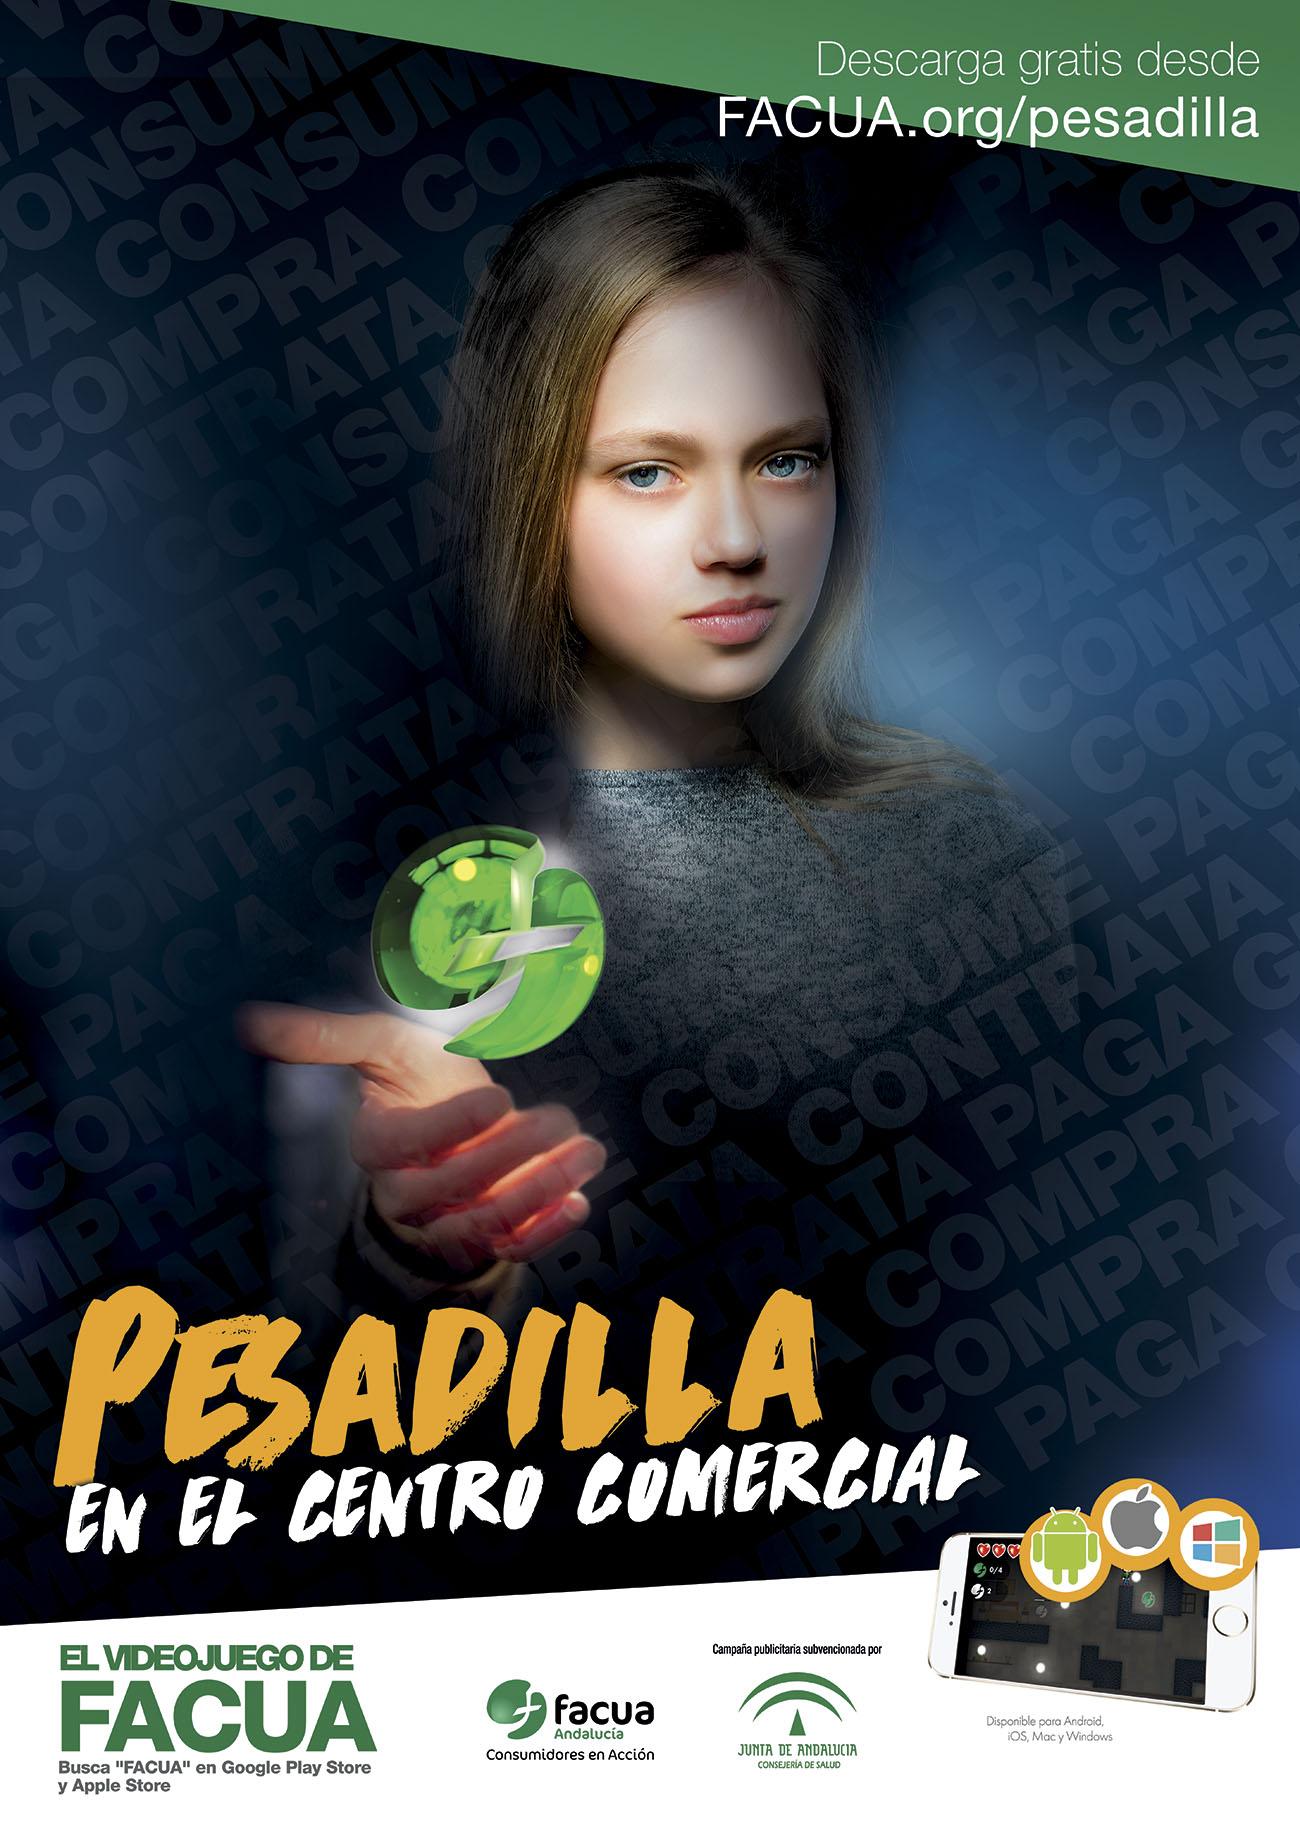 Cartel de 'Pesadilla en el centro comercial, el videojuego de FACUA'.